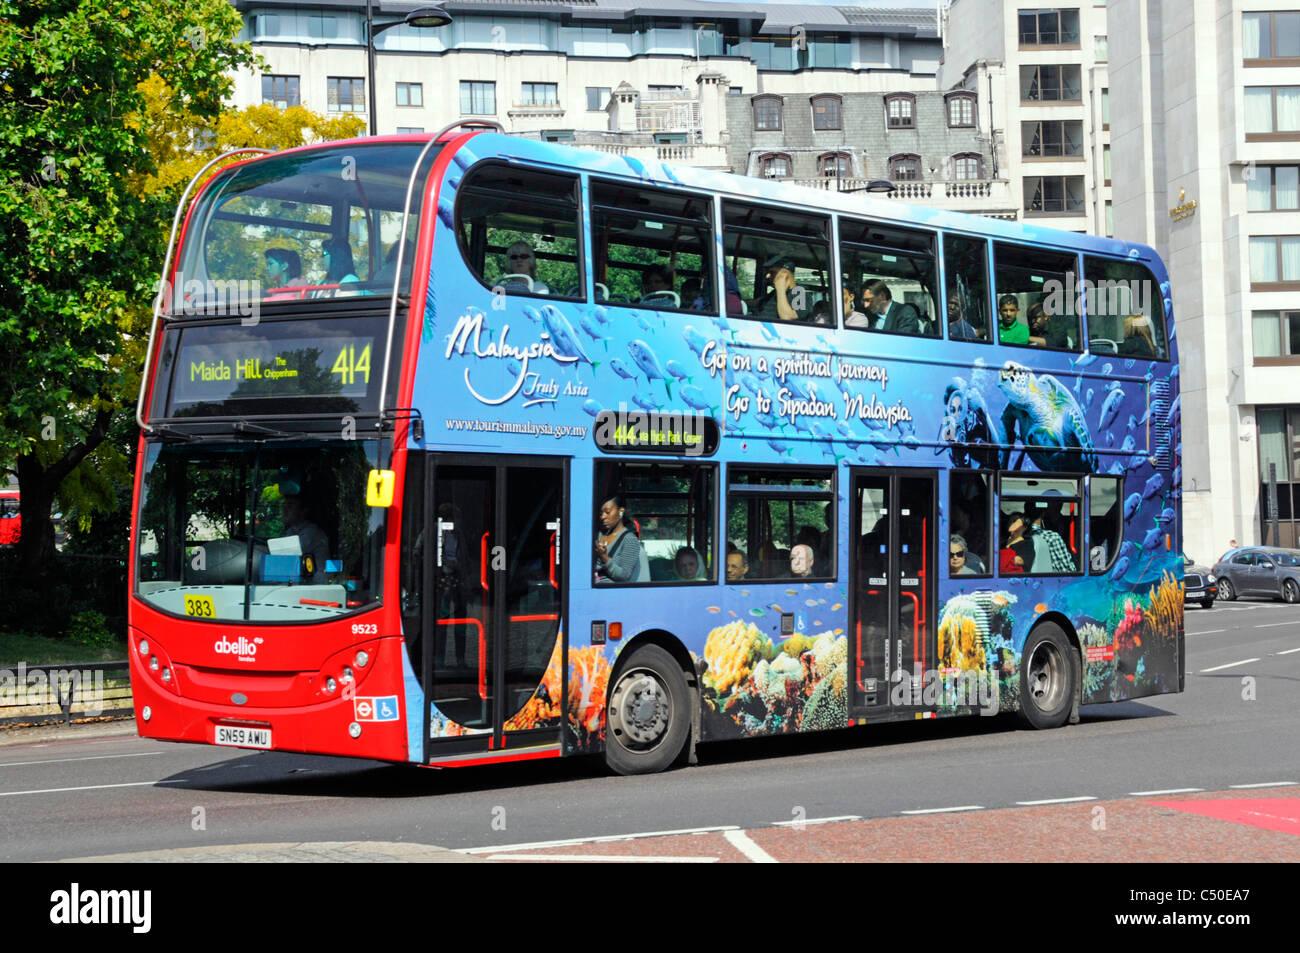 Pubblicità sul lato del London double decker bus a promuovere il turismo in Malesia con colorati pubblicità Immagini Stock